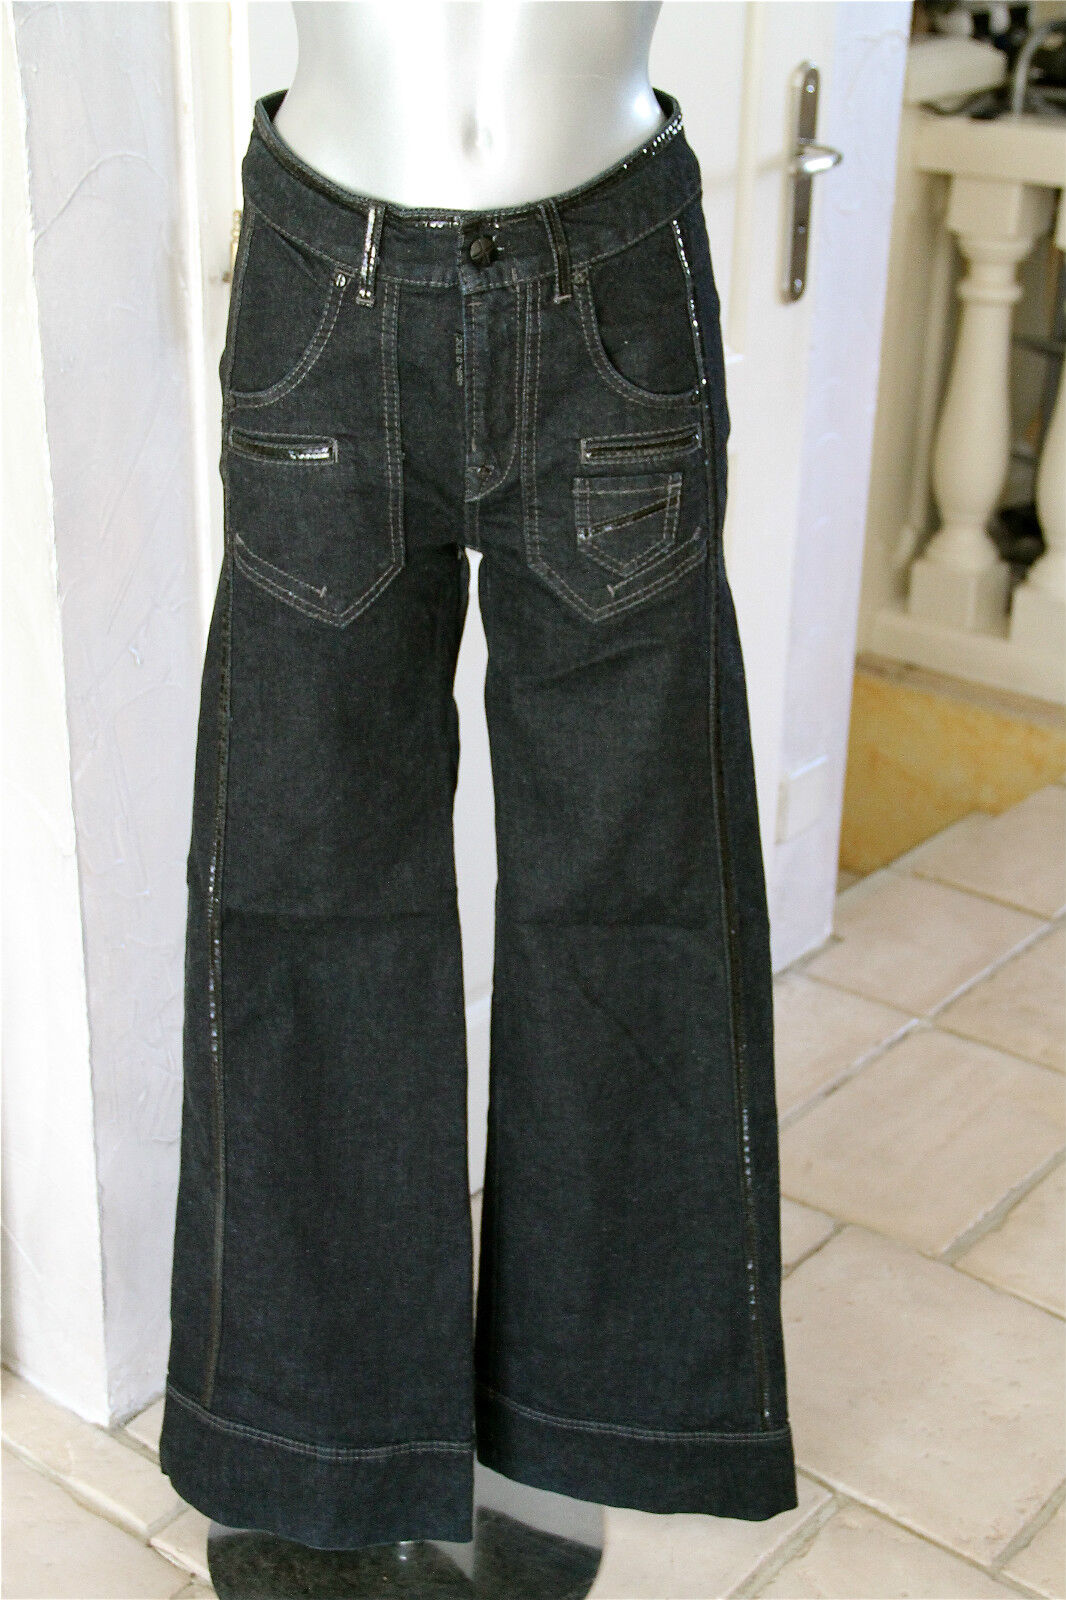 Jeans cotone e vinile elasticizzato elasticizzato elasticizzato bagliore MC PLANET taglia 44 fr 48i valore 098669